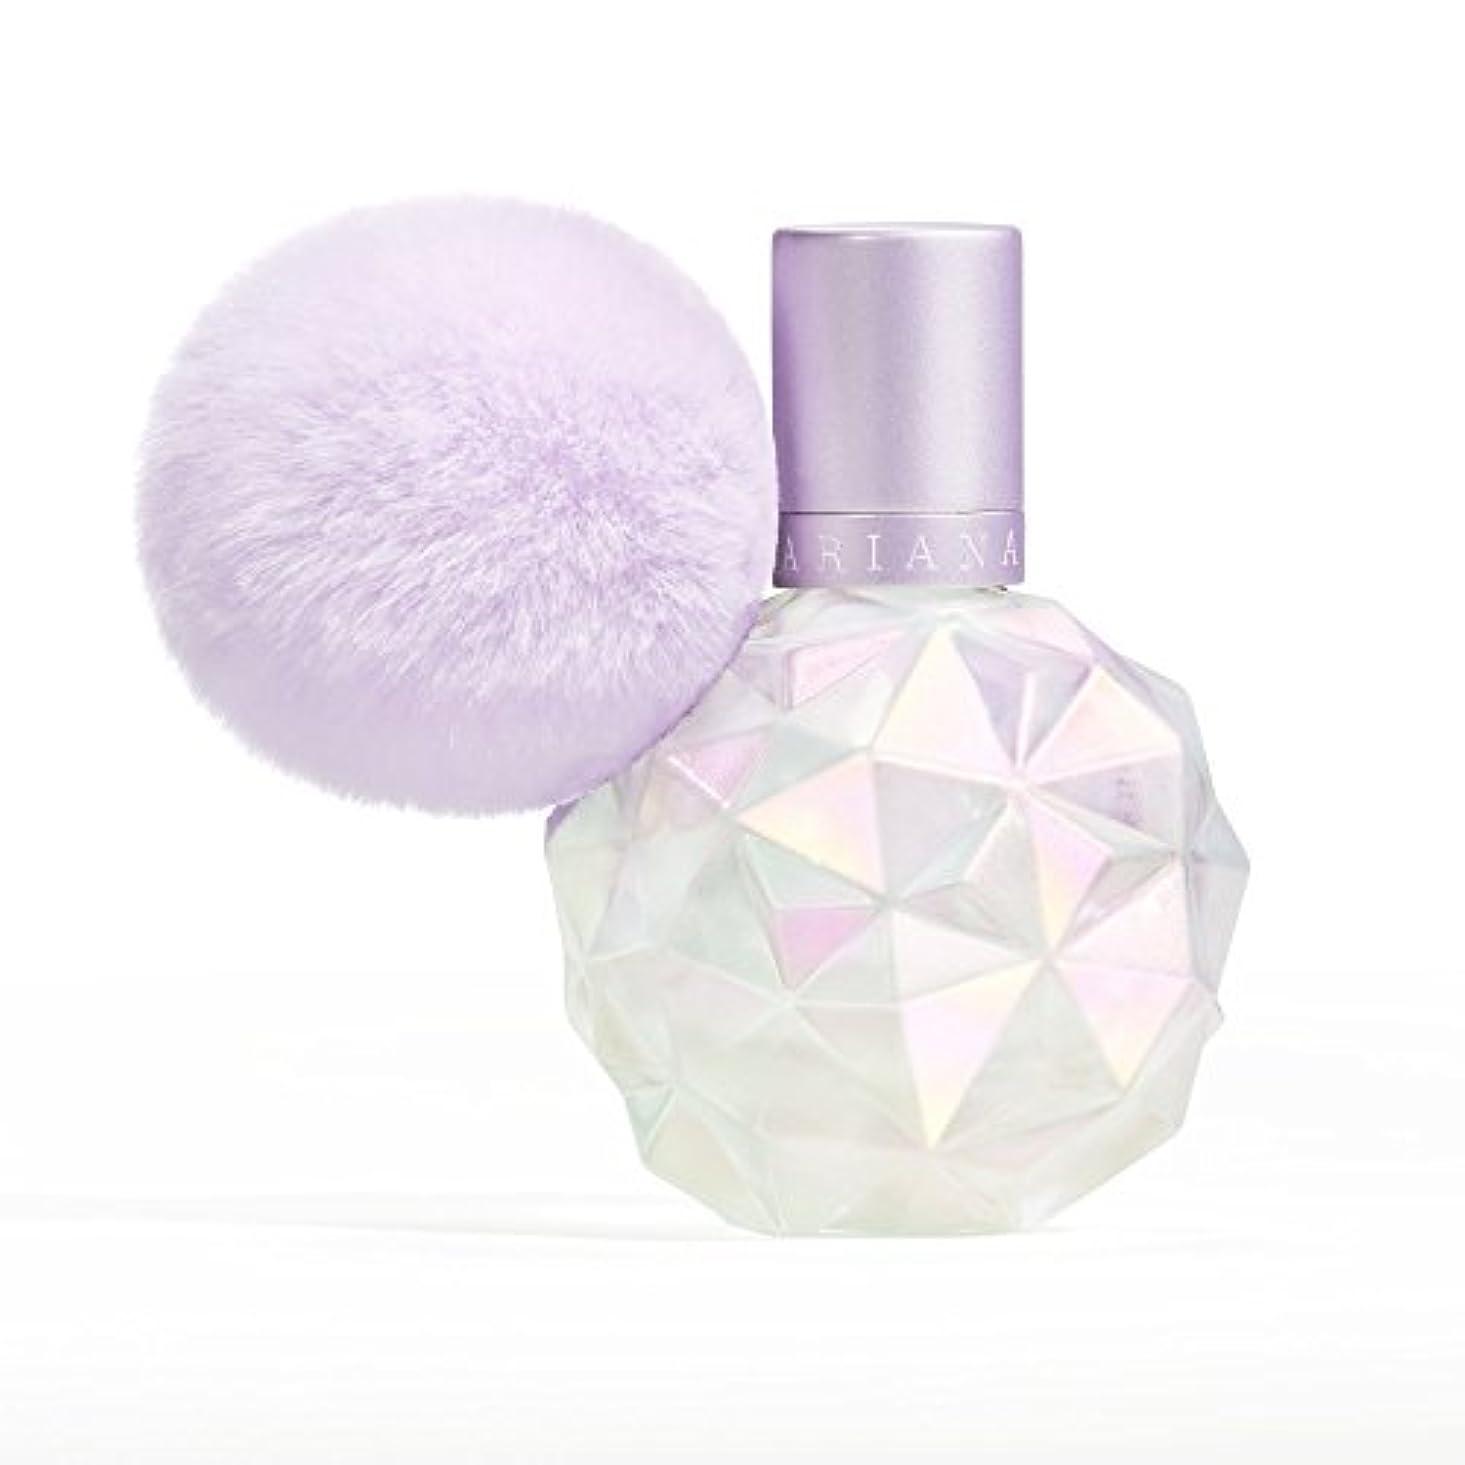 学生構造的混沌Ariana Grande Moonlight Women's Perfume(アリアナ グランデ ムーンライト パフューム) 30 ml